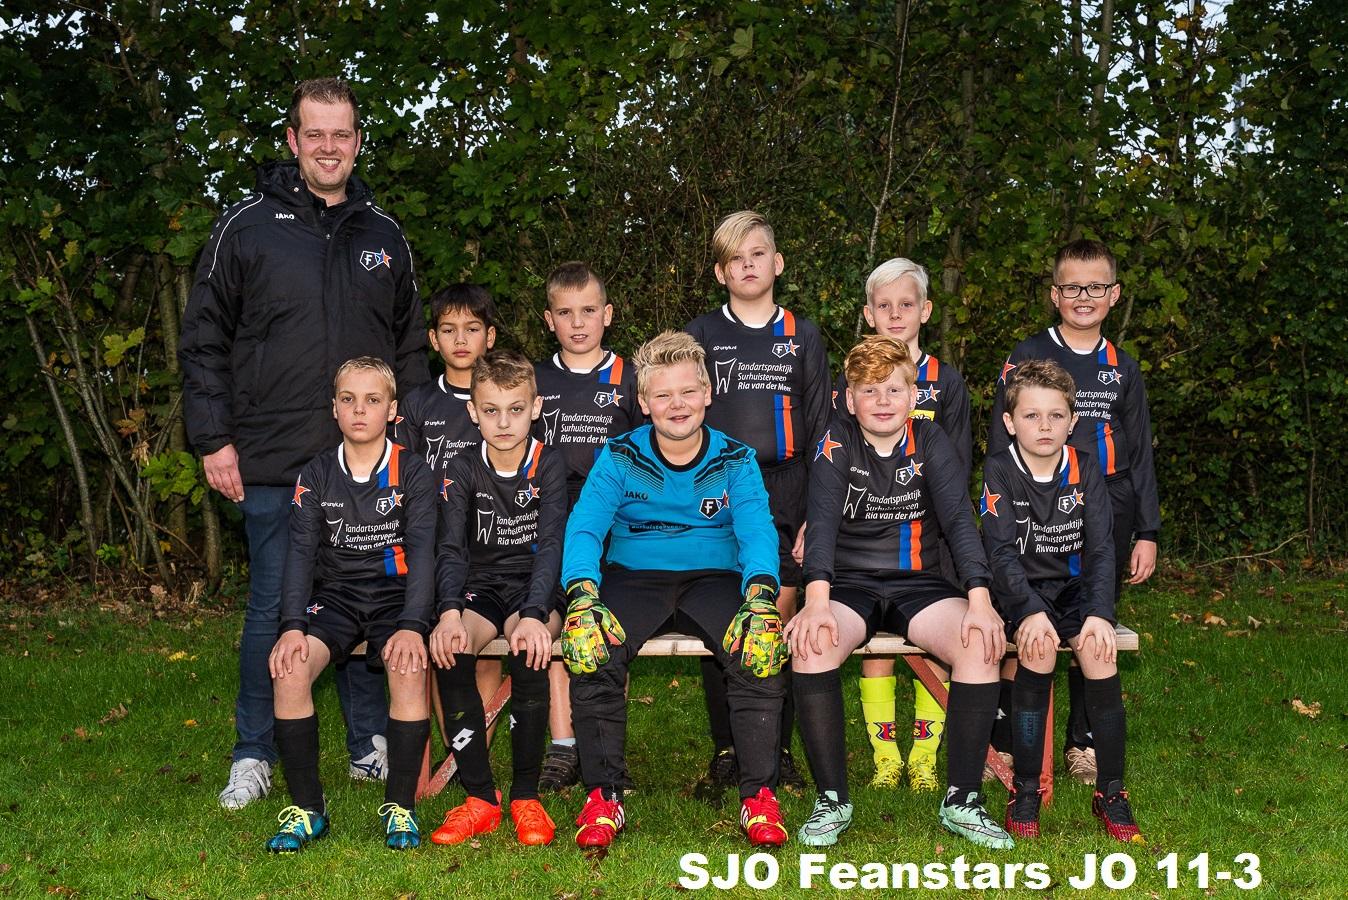 SJO Feanstars JO 11-3